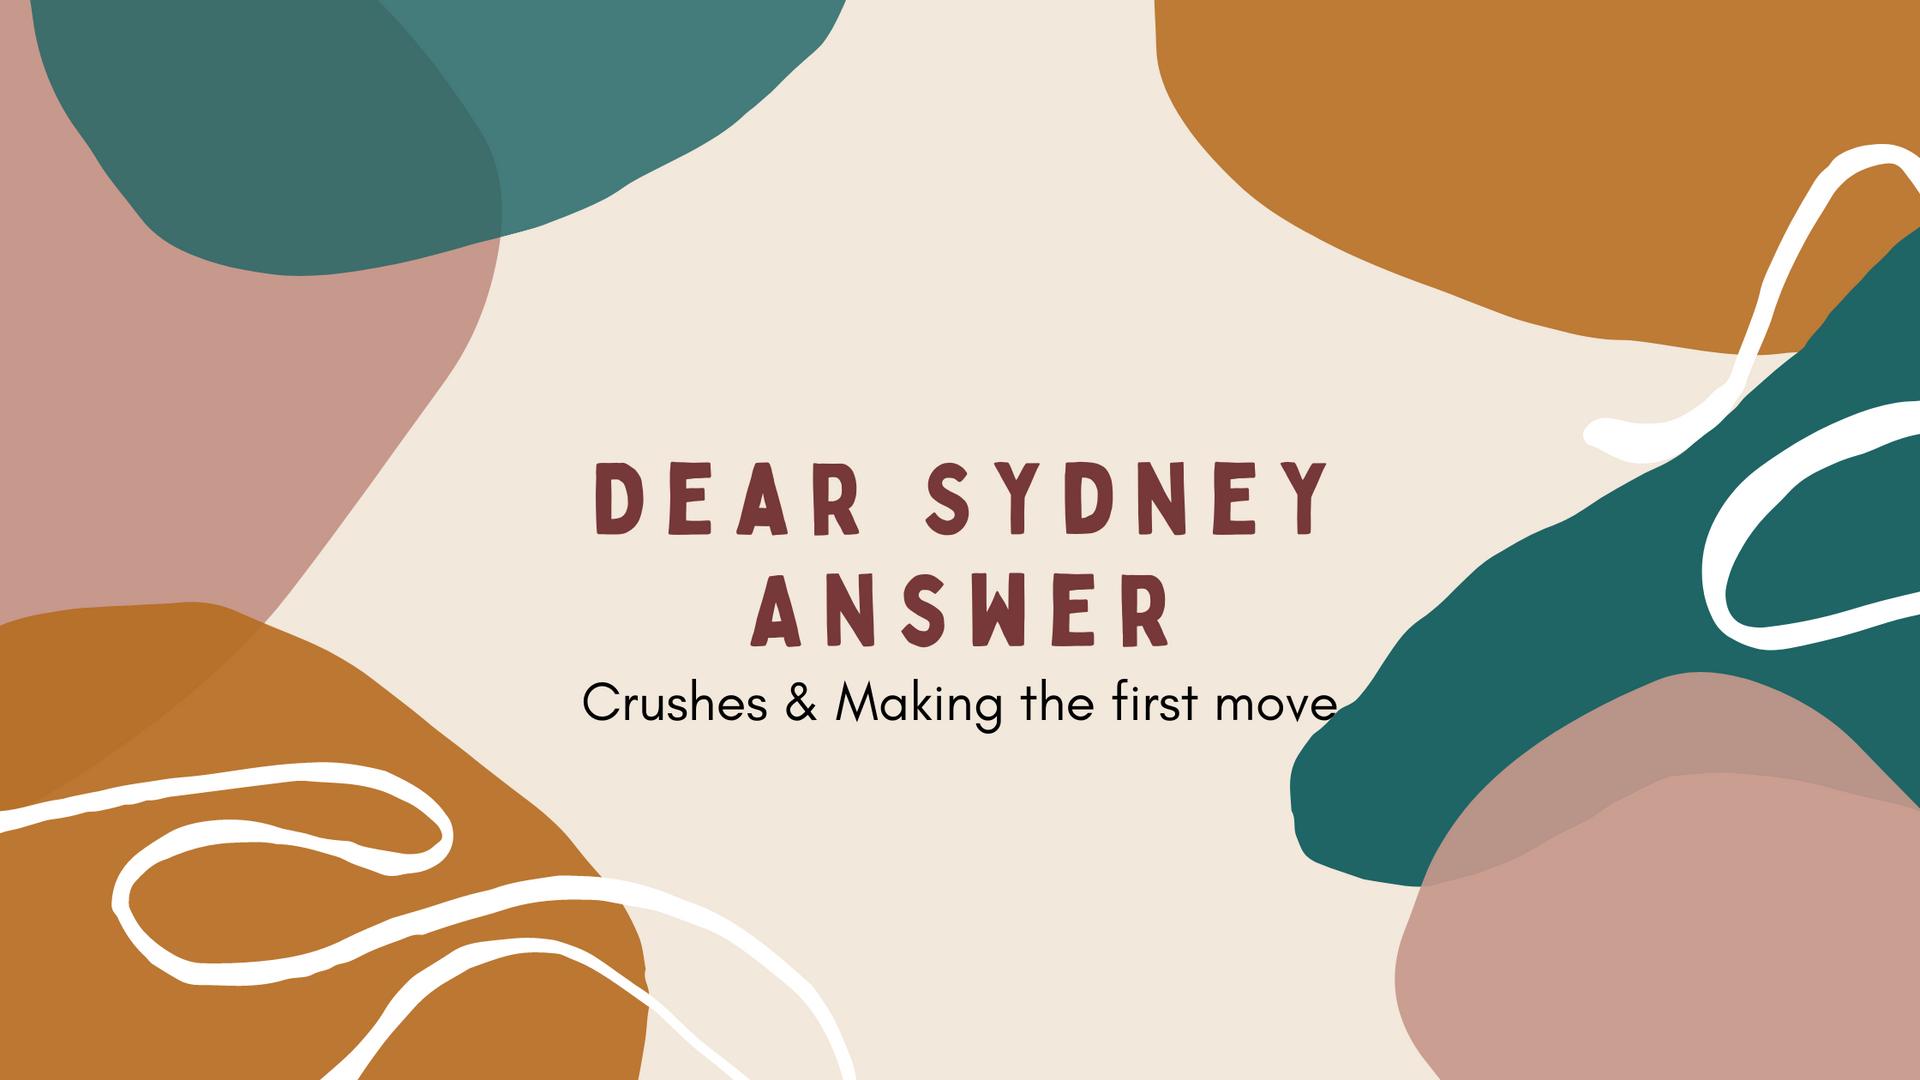 Dear Sydney Answer